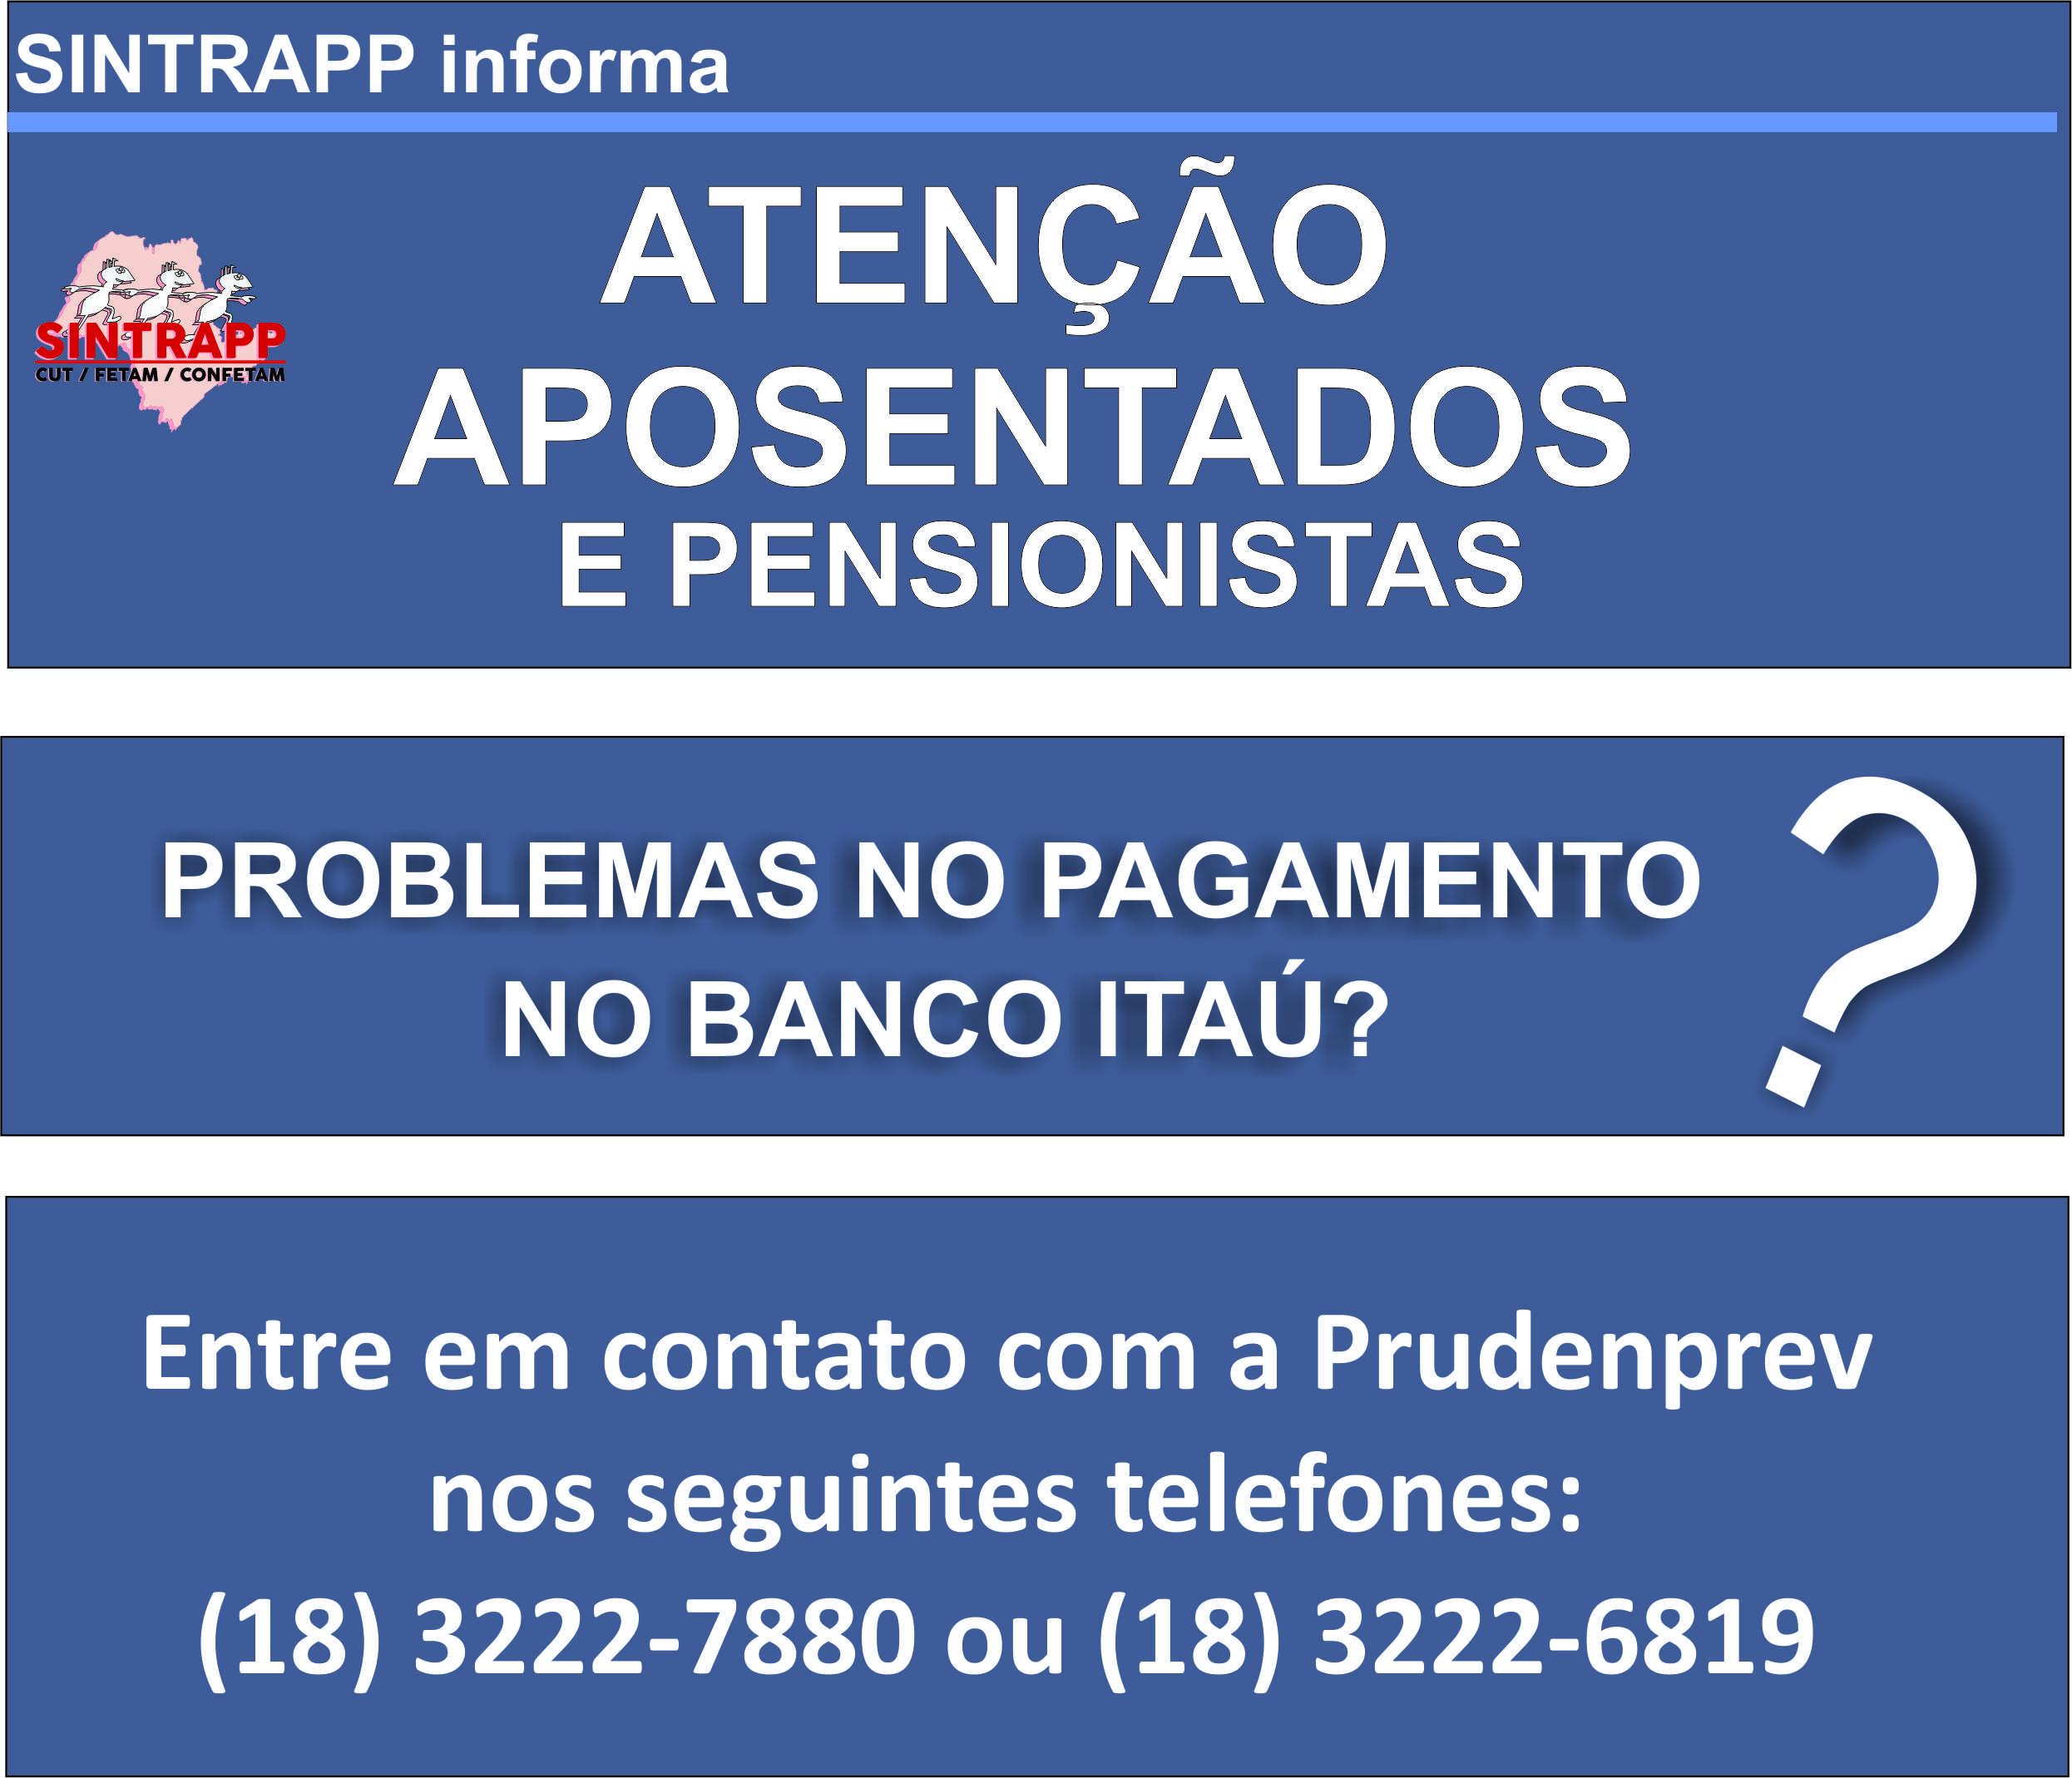 Aposentados enfrentam problemas com pagamentos no Itaú